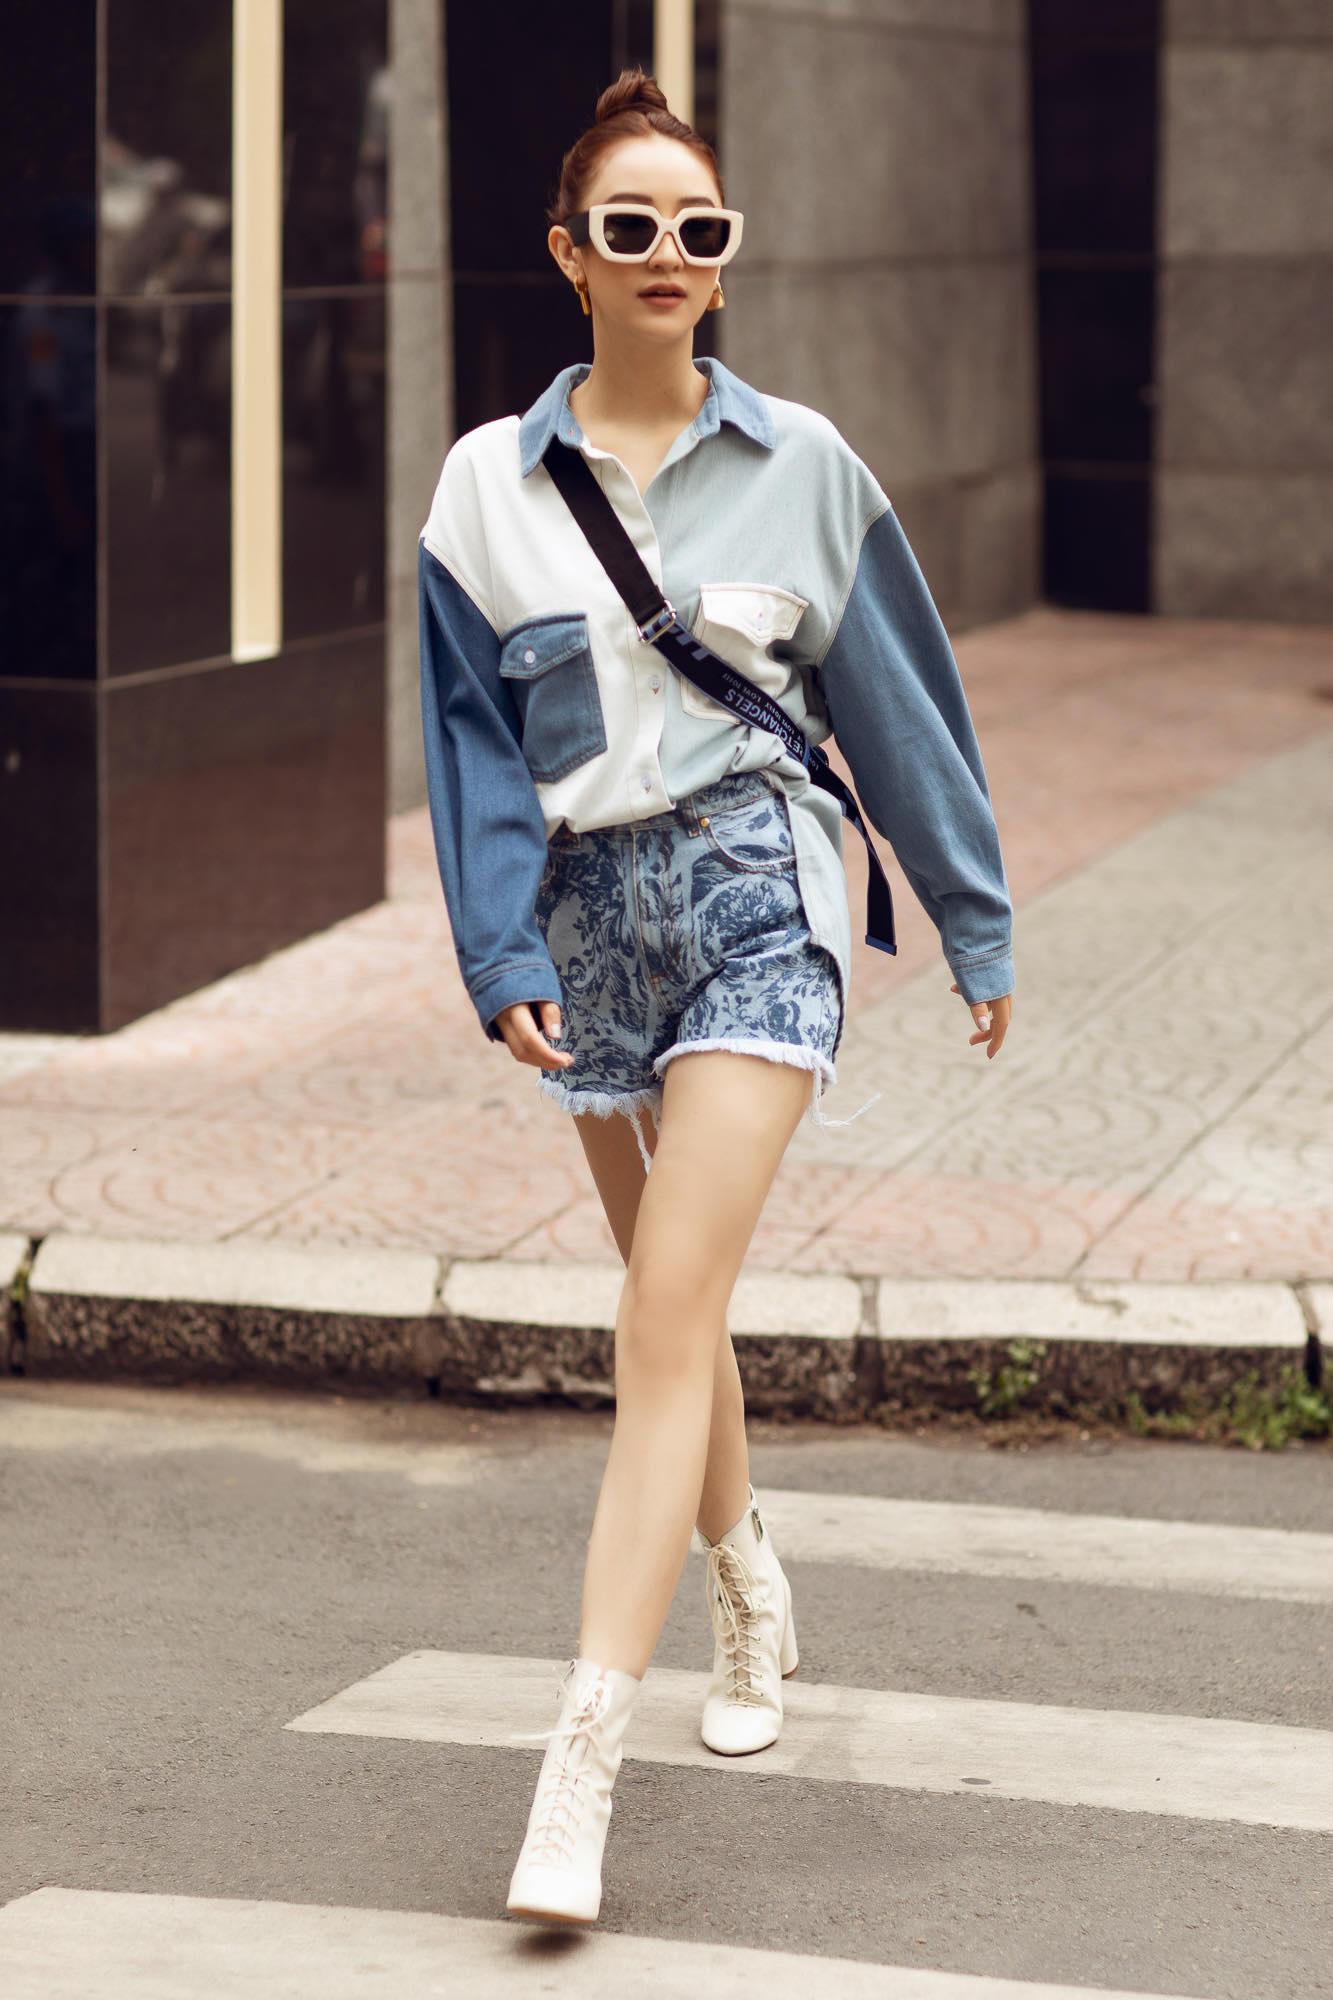 Diện áo và chân váy Versace Jeans kết hợp túi Balenciaga, mắt kính Dior tạo nên tổng thể cá tính, khoe trọn lợi thế hình thể chuẩn cùng đôi chân dài miên man của người đẹp. Ngoài ra, cô nàng còn khéo léo mix cùng boot trắng cổ thấp giày Saint Laurent tăng tính thời thượng cho set đồ.